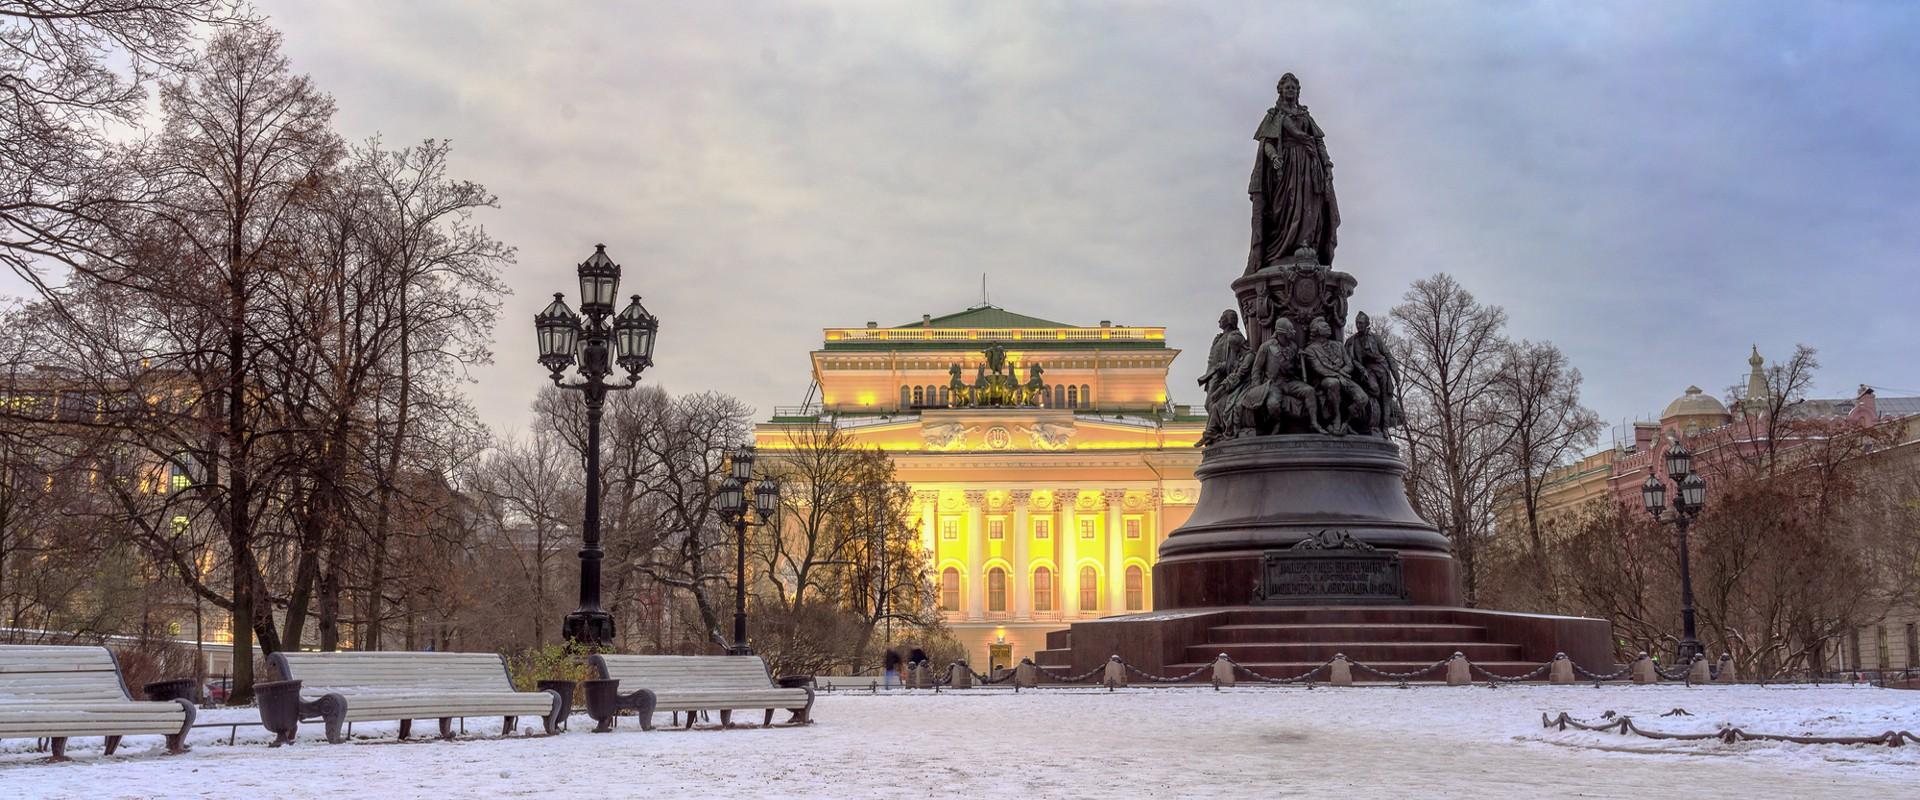 Памятник Екатерине Великой на площади Островского в СПб